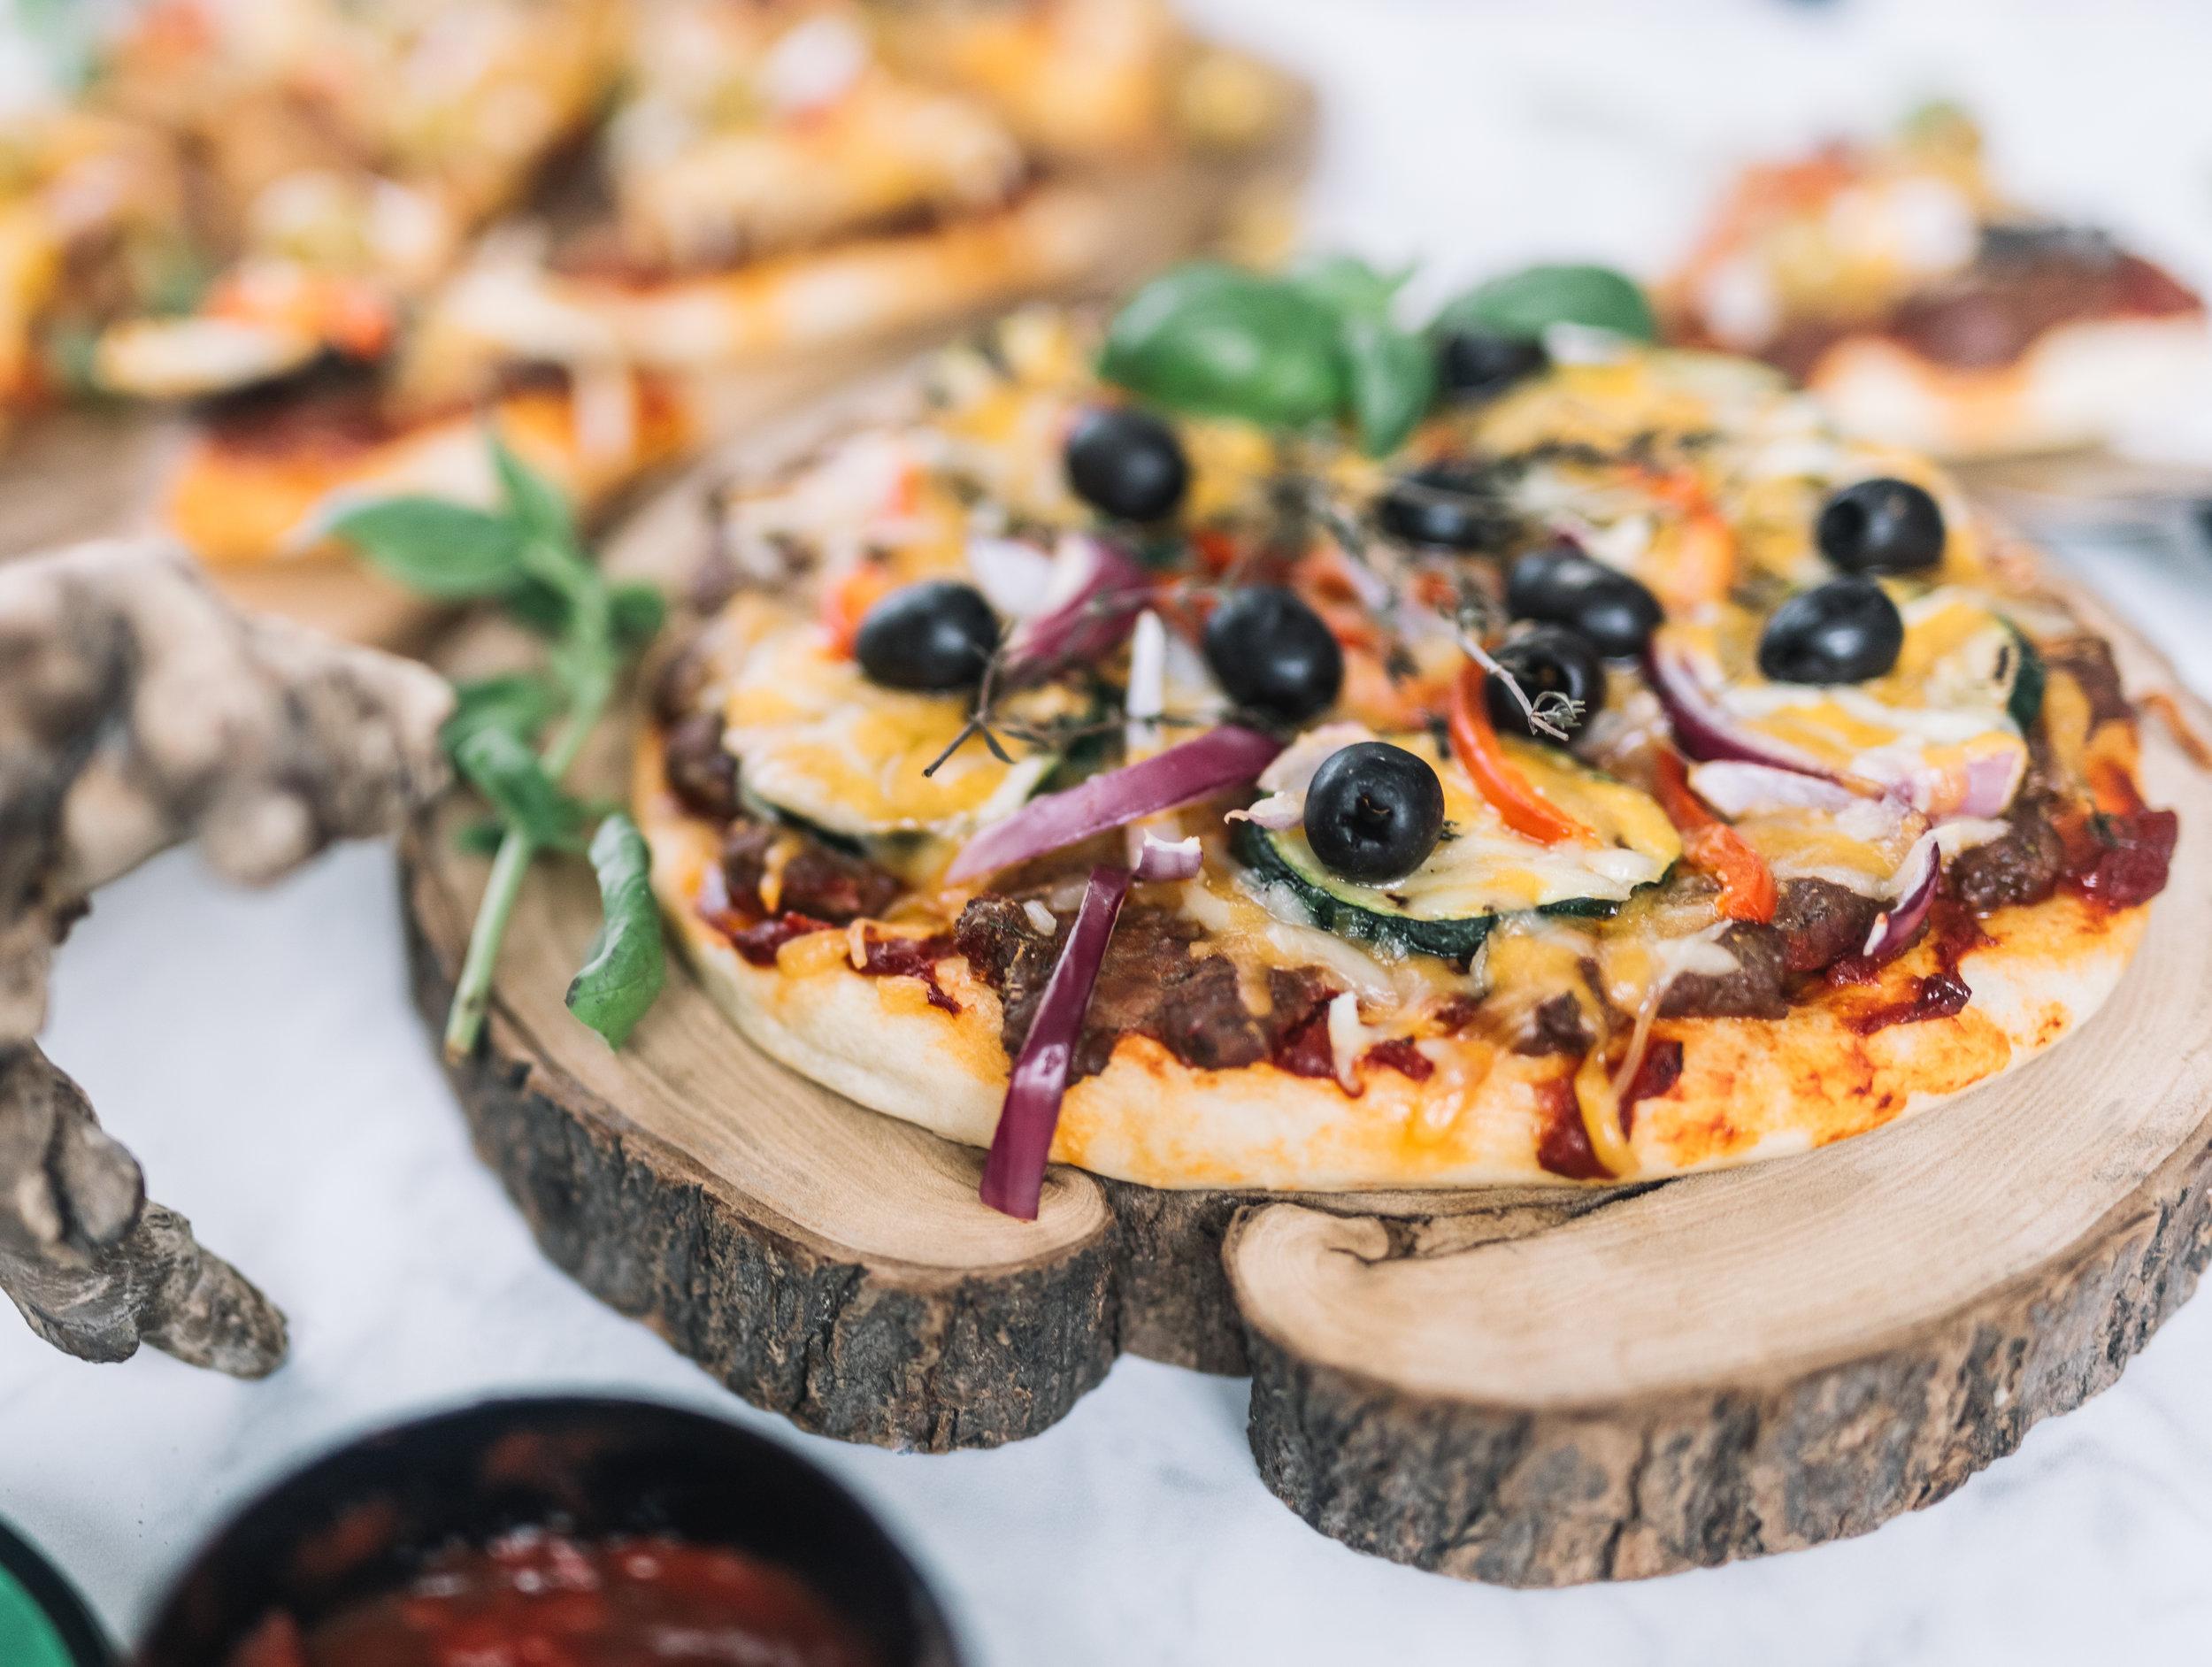 Bloemkool Gehakt Pizza NOV 20176.jpg